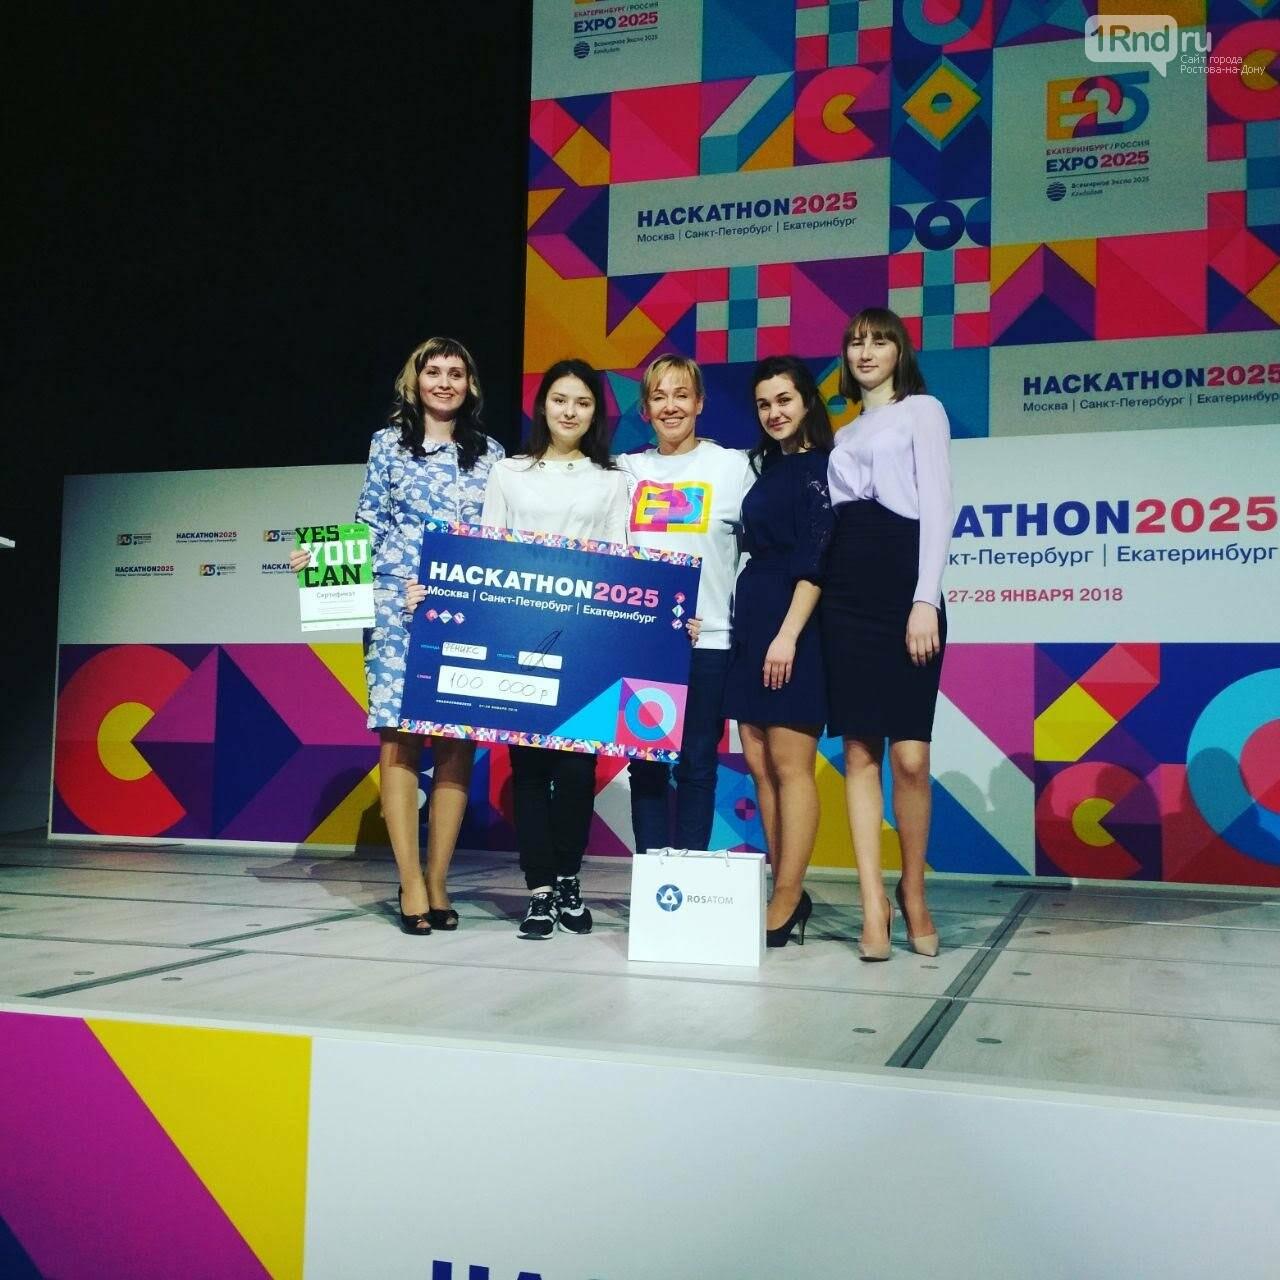 Старшекласницы из Ростовской области победили на хакатоне «Город Будущего» , фото-1, Фото: предоставлено партнером